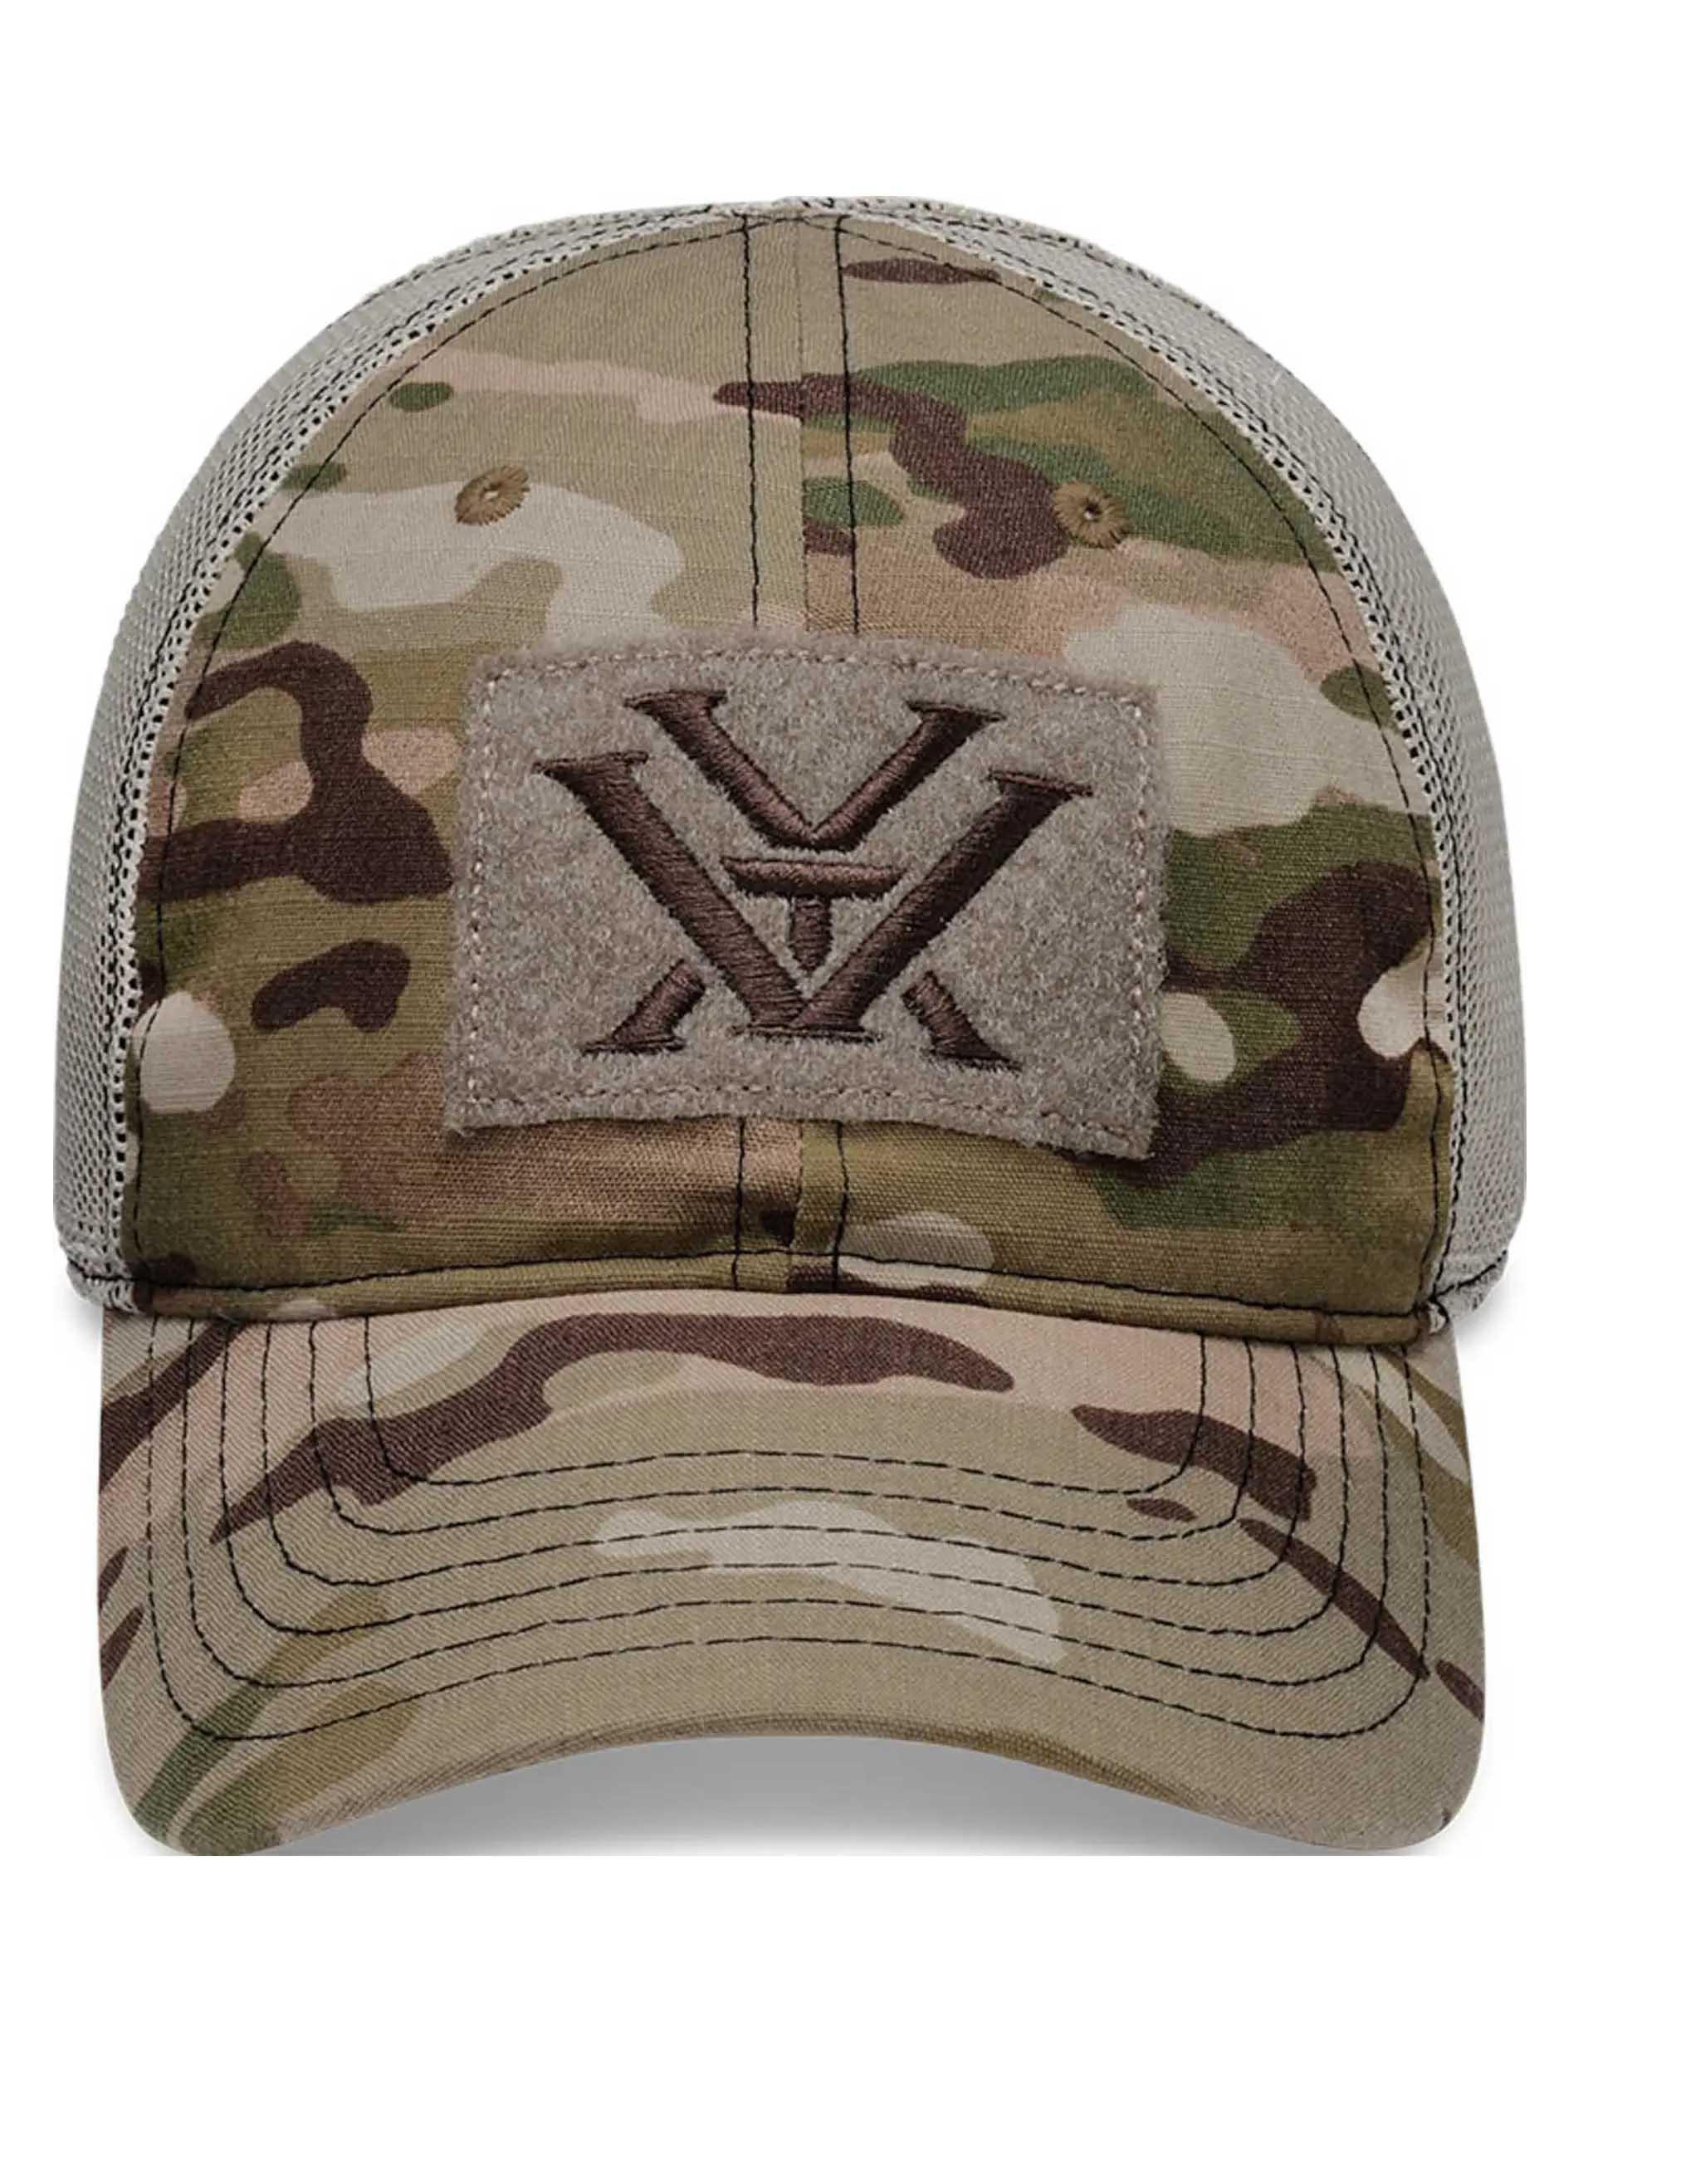 Vortex MultiCam Counterforce Cap